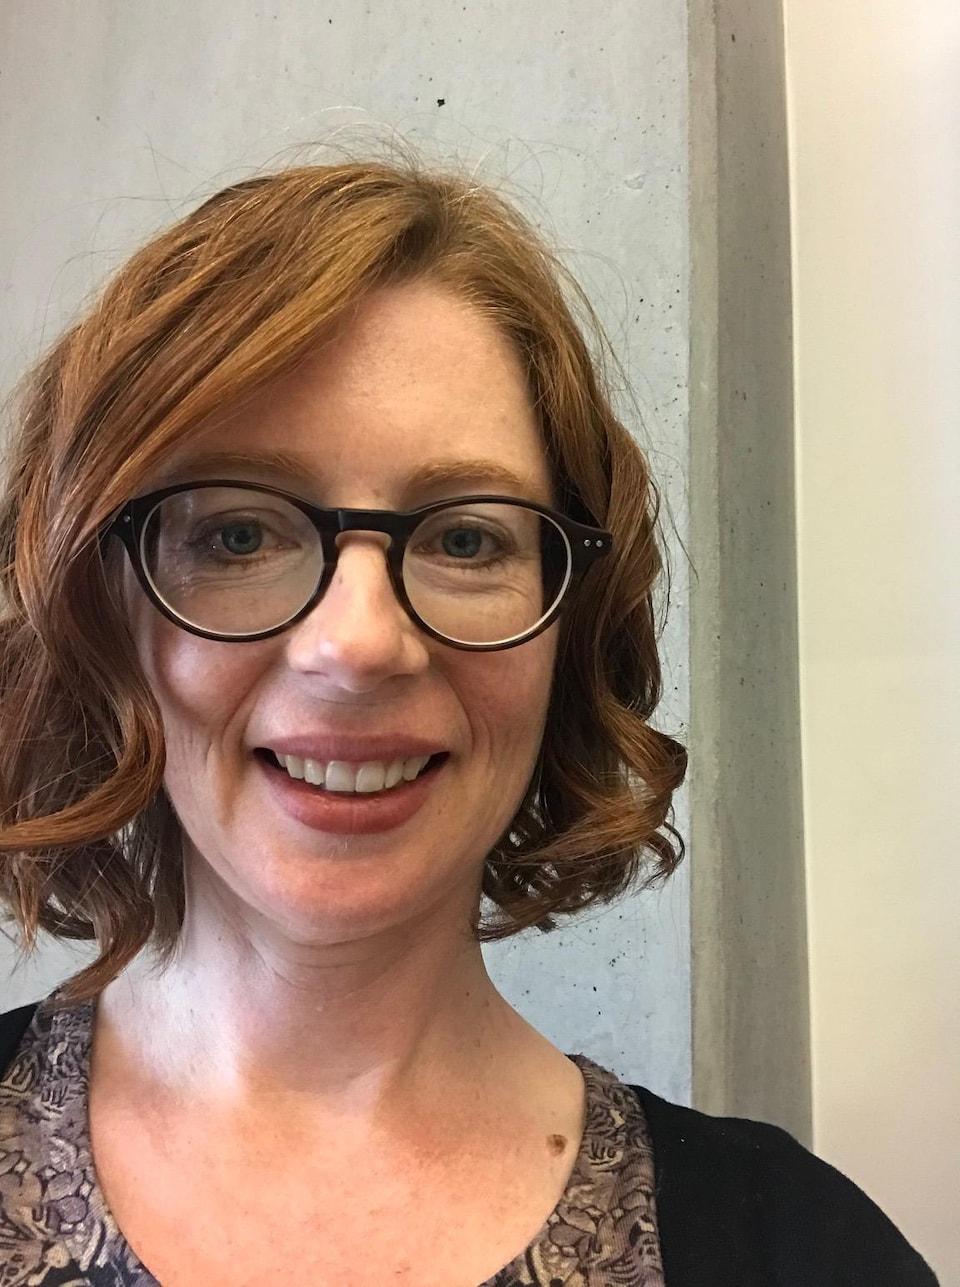 Une femme portant des lunettes sourit